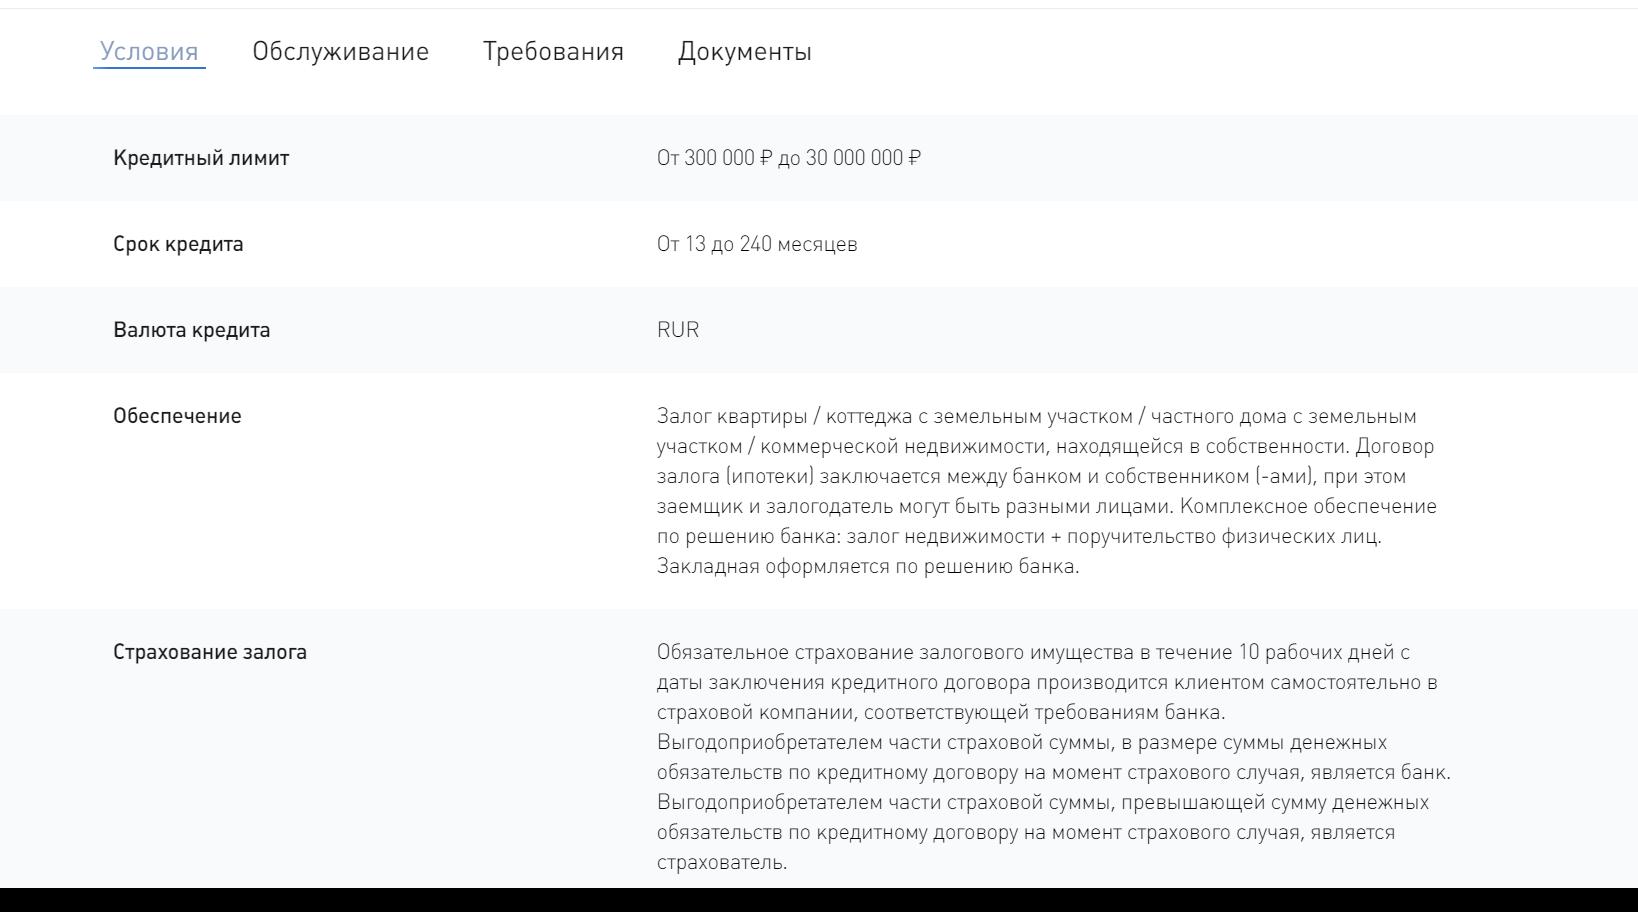 bank-vostochnyj-kredit-pod-zalog-nedvizhimosti_2